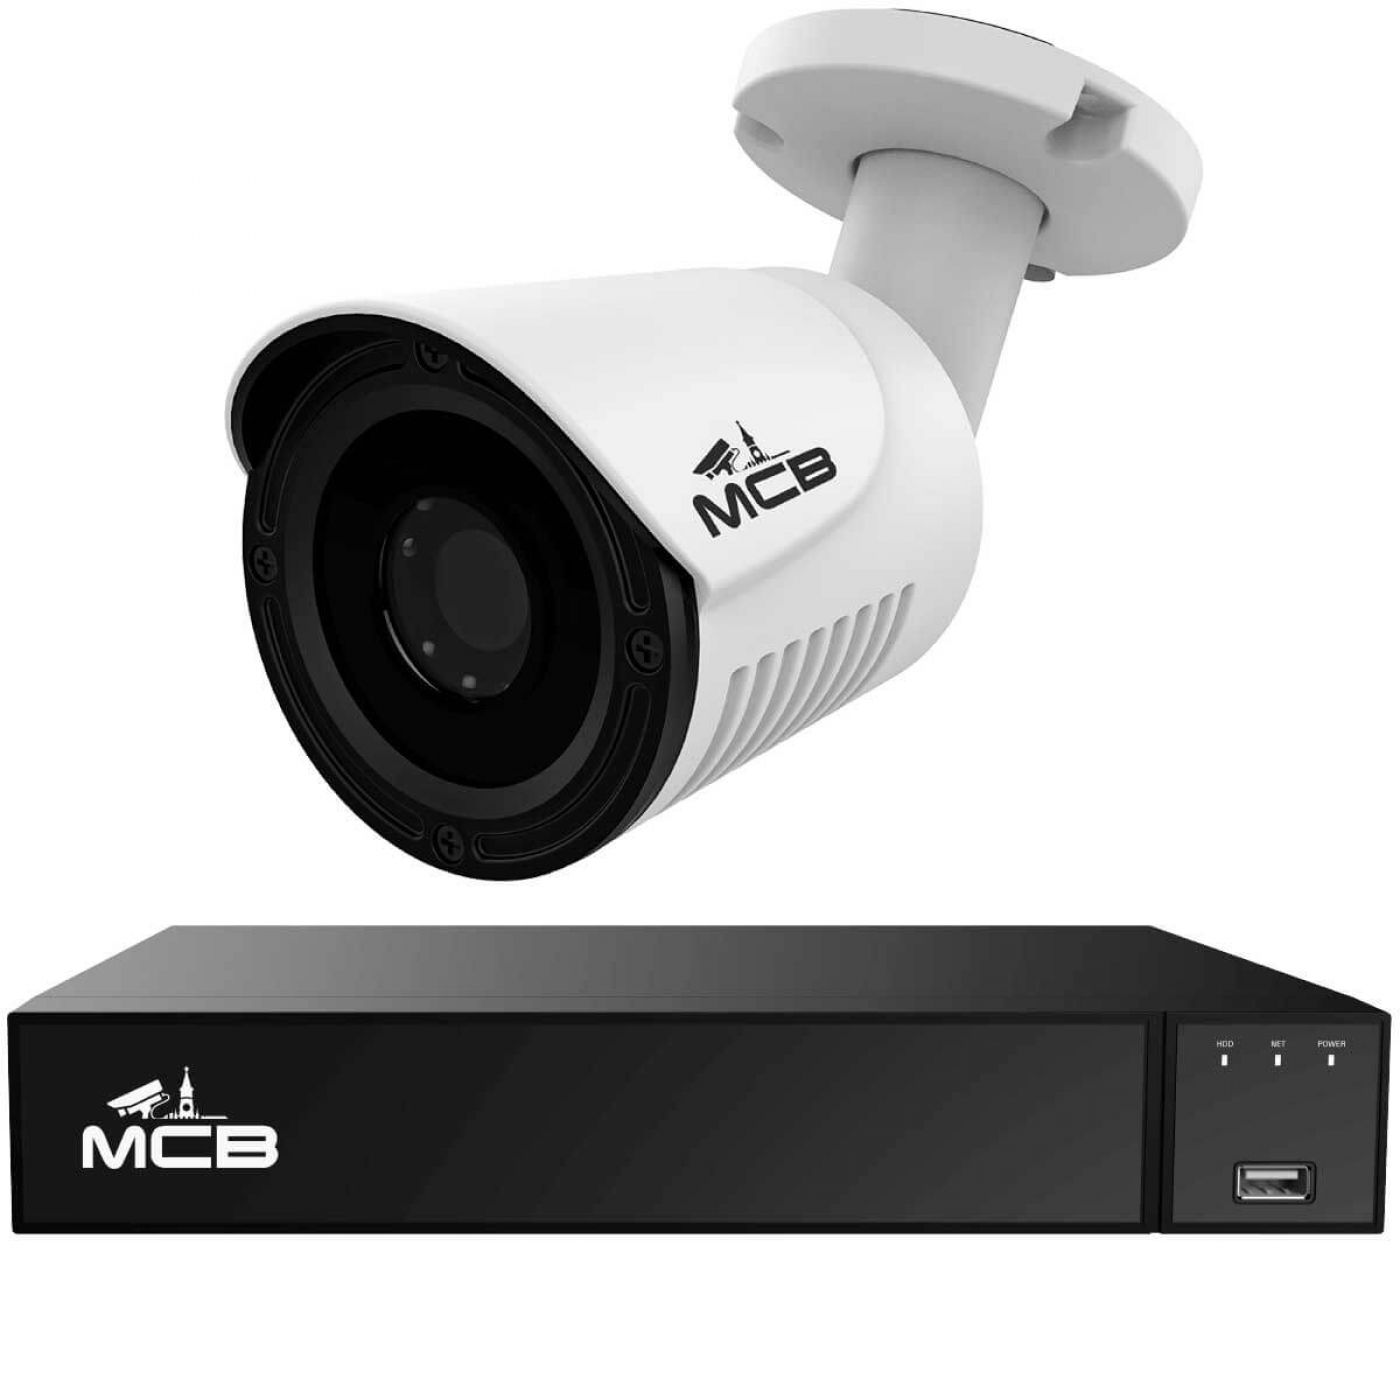 Комплект видеонаблюдения на 1 уличную 2-х мегапиксельную камеру Full HD